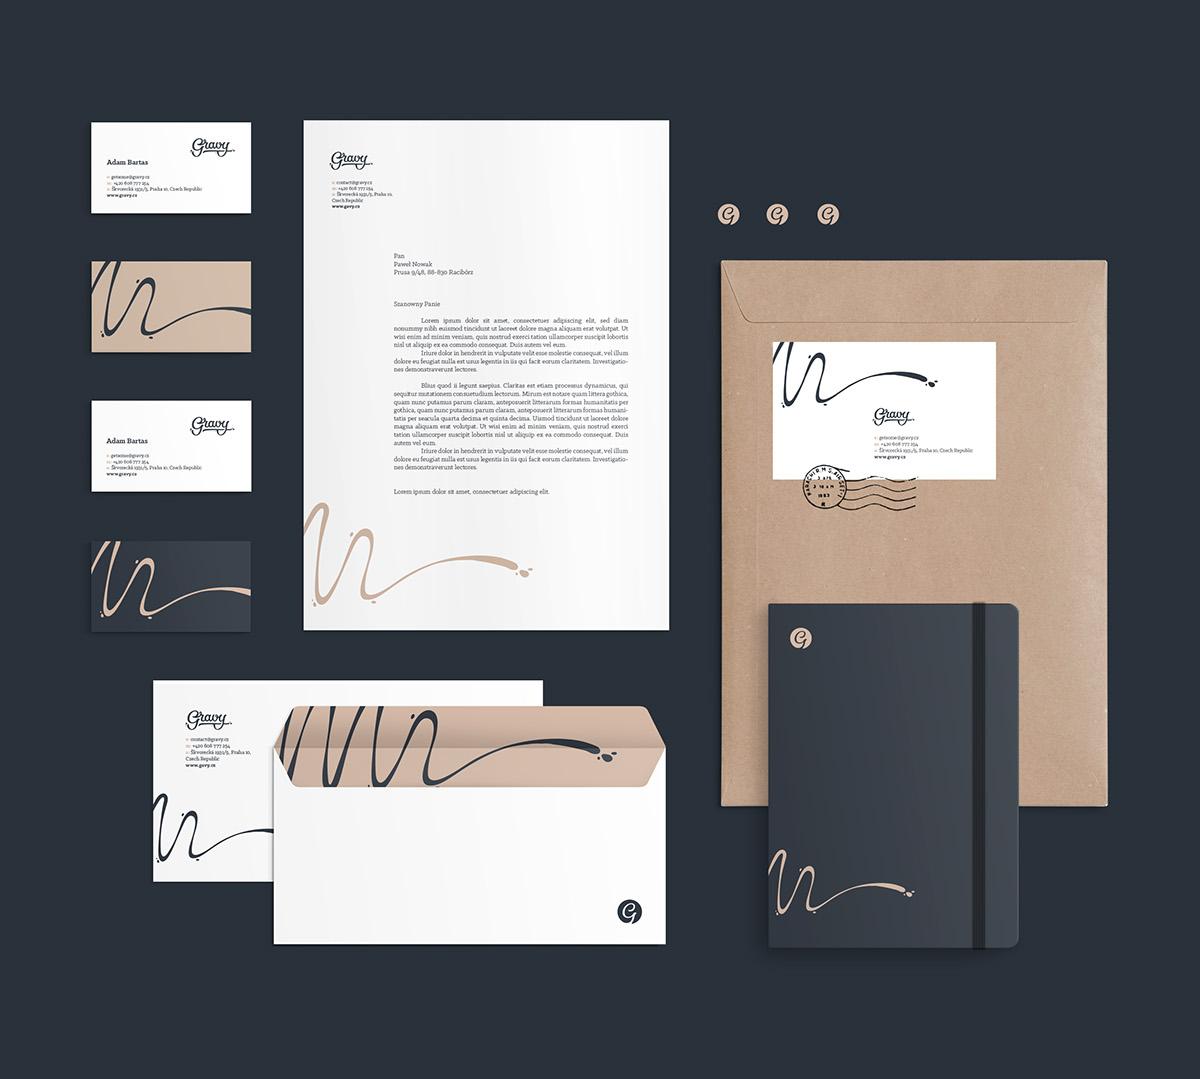 e5313215660781.562958f7dd739 - هویت بصری سازمانی: چند نمونه از بهترین طراحیهای هویت بصری